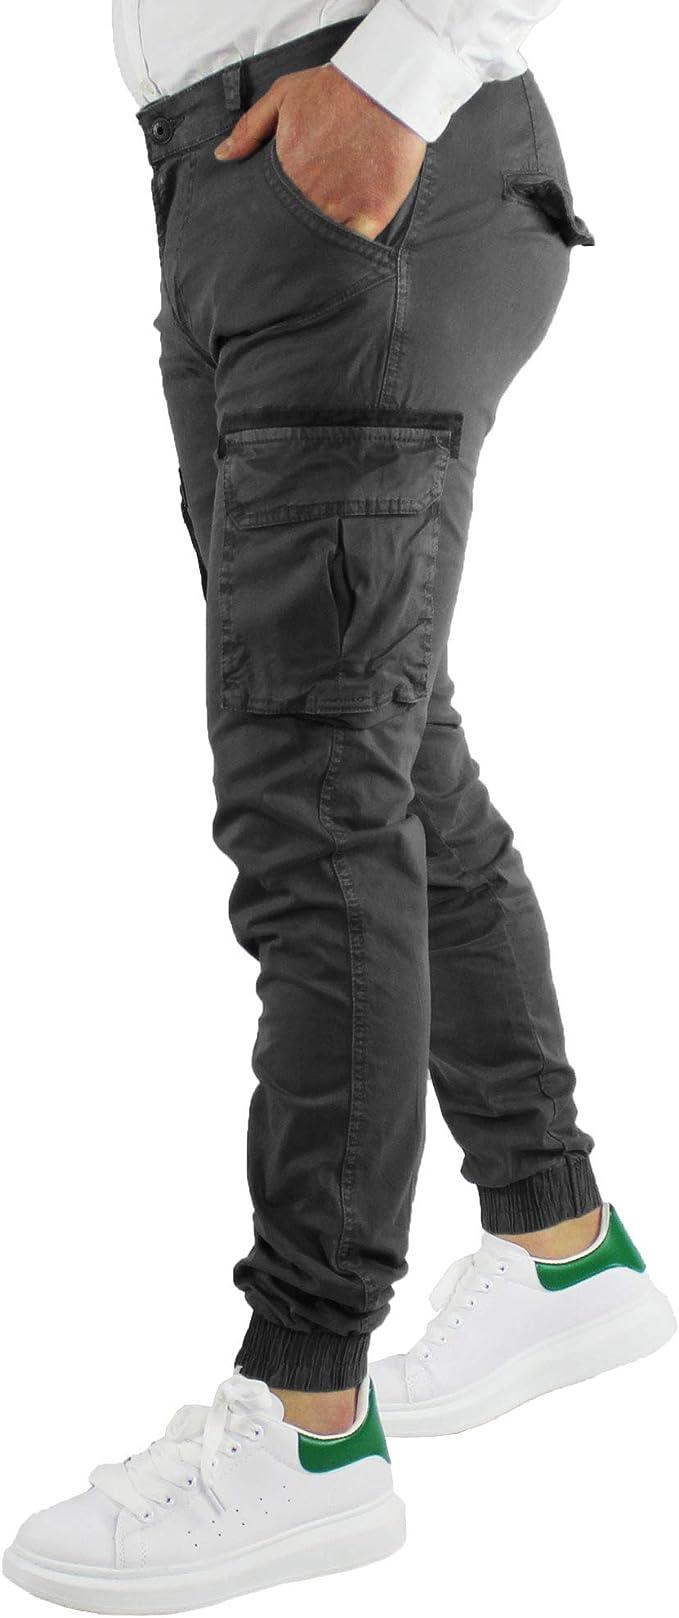 impermeabile tosse Interessante  Pantaloni Uomo con Tasche Laterali Cotone Estivi Grigio Cargo Slim Fit  Multitasche Stretti con Elastici alle Caviglie (50): Amazon.it:  Abbigliamento